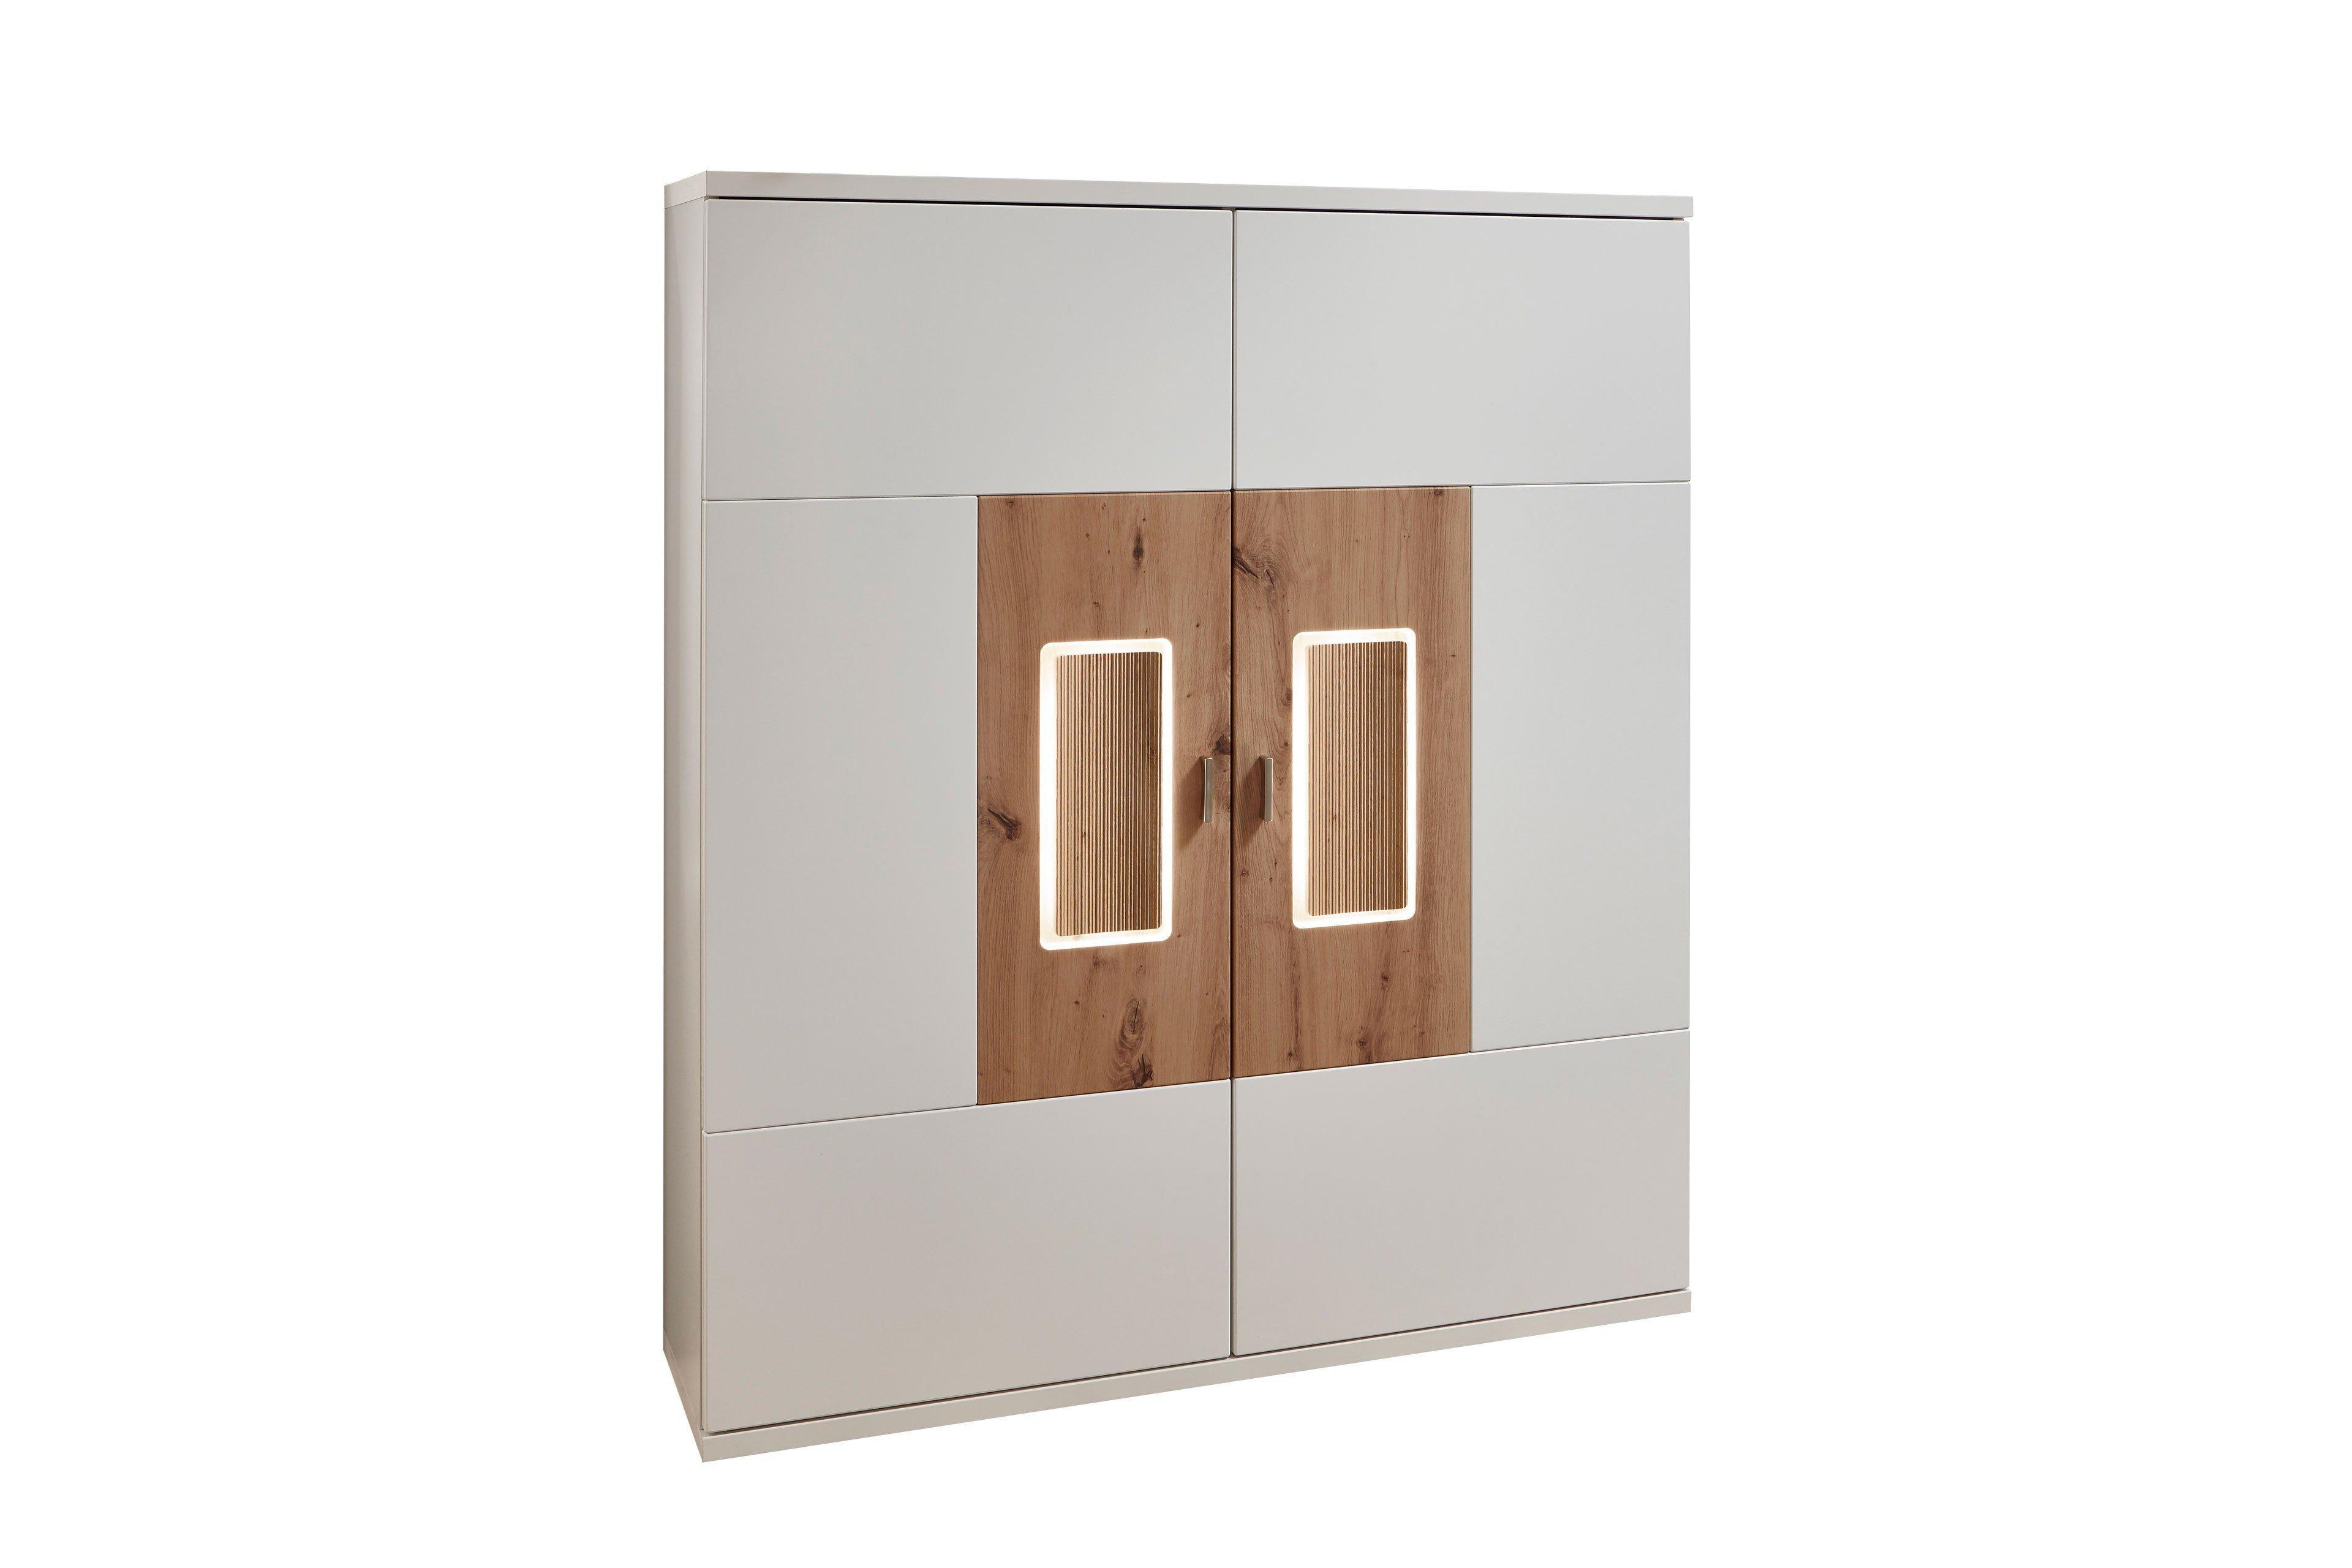 IDEAL Möbel Highboard Falan weiß/ Eiche | Möbel Letz - Ihr Online-Shop